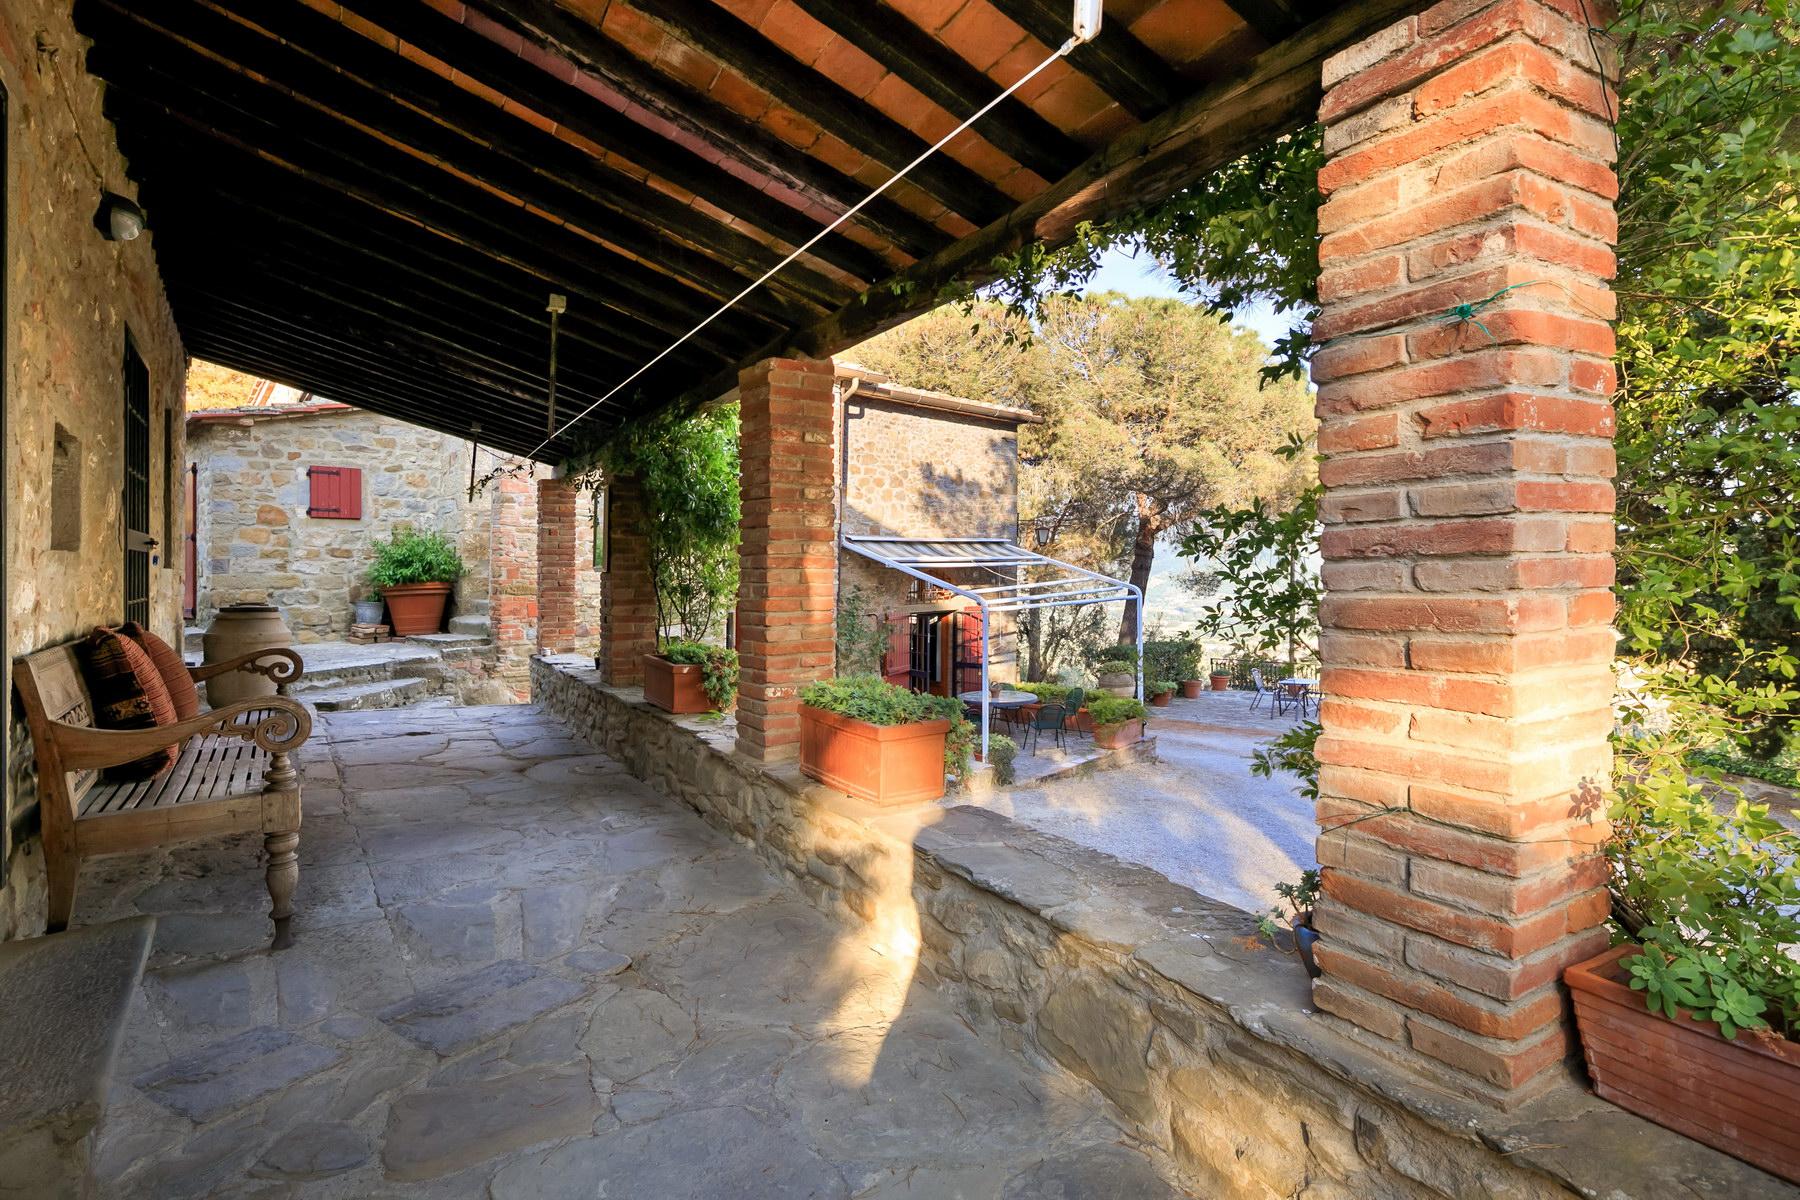 Rustico in Vendita a Castiglion Fiorentino: 5 locali, 350 mq - Foto 3